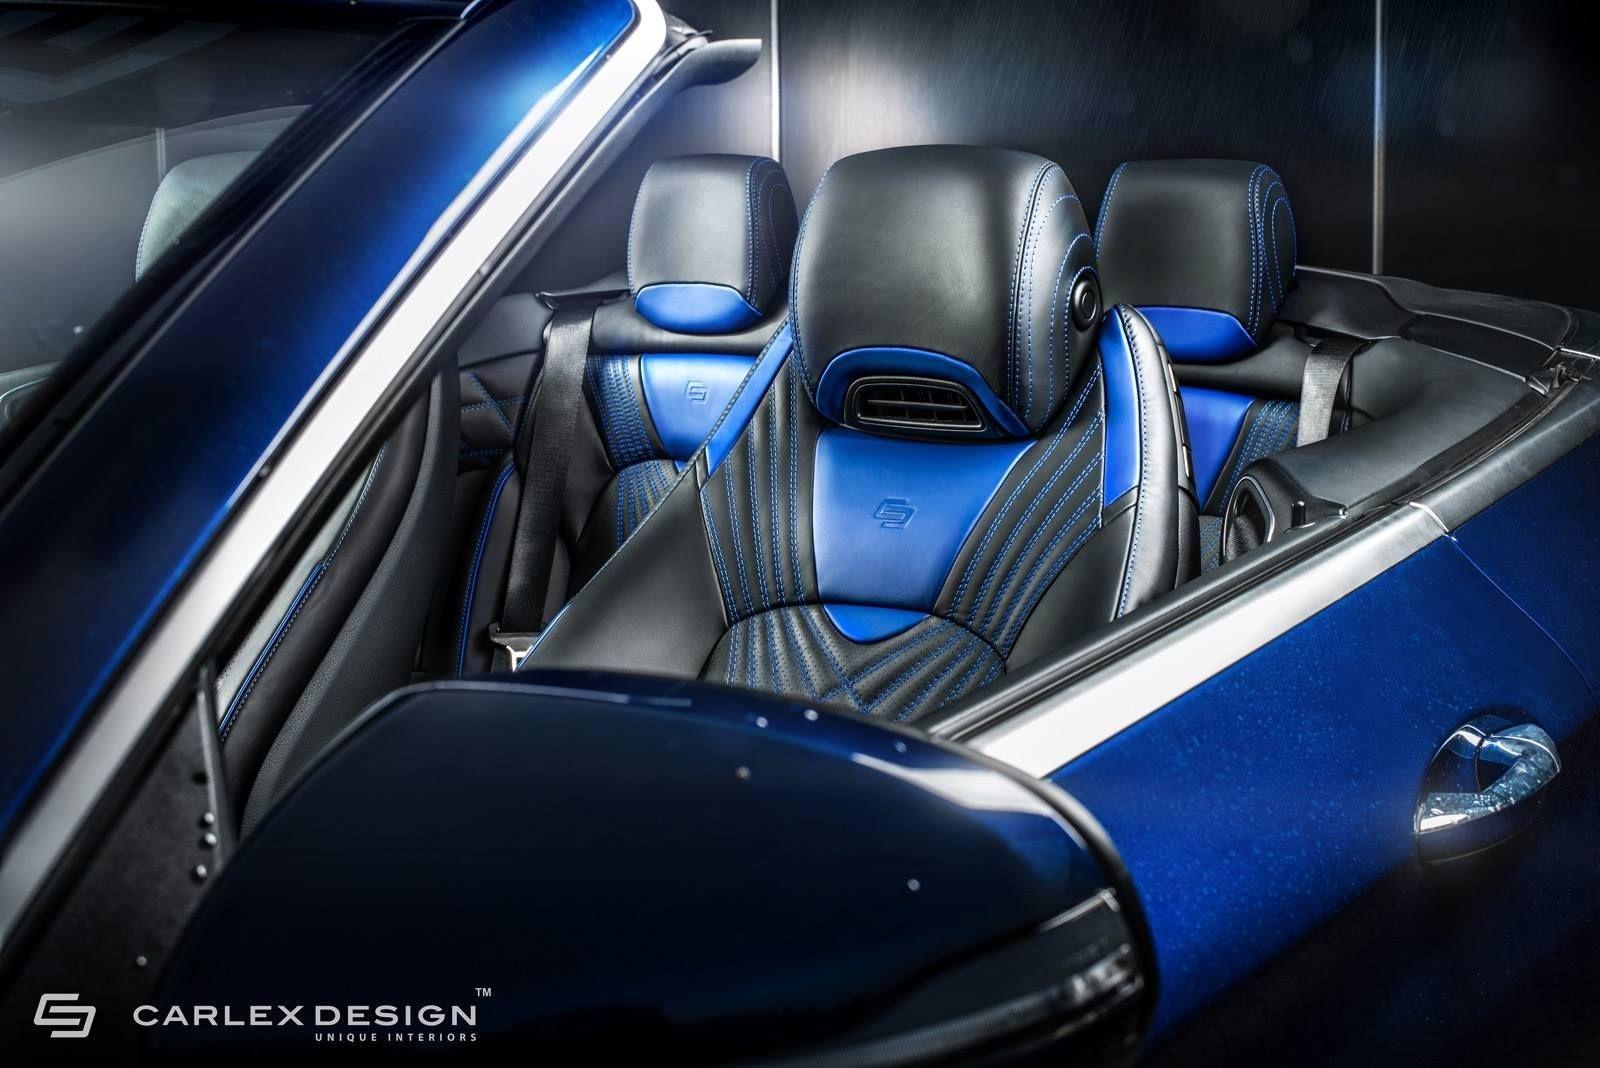 Mercedes C-Class Cabrio By Carlex Design (10)